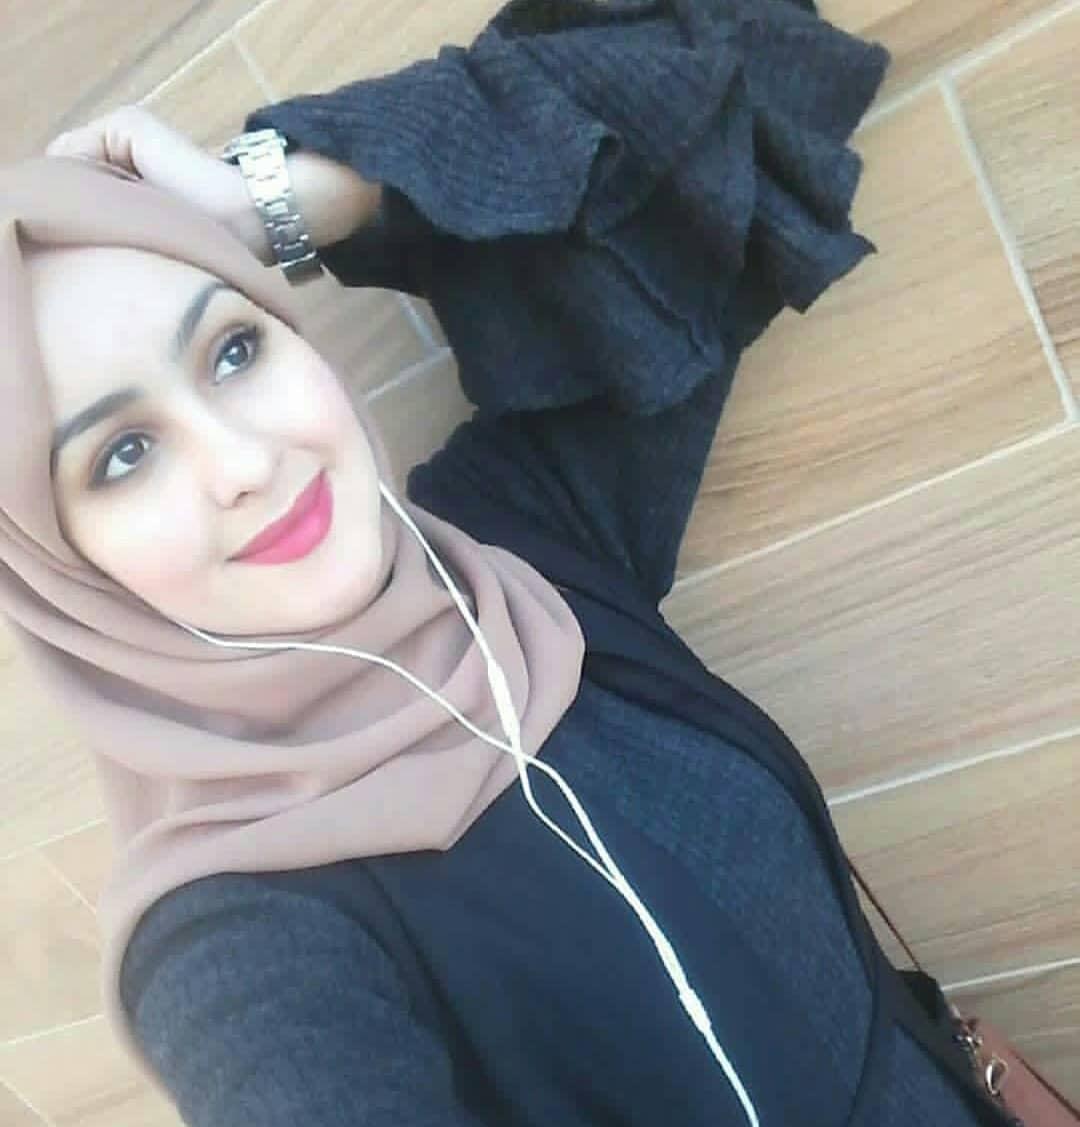 بالصور بنات مصريات , جميلات البنات المصرية 4493 4